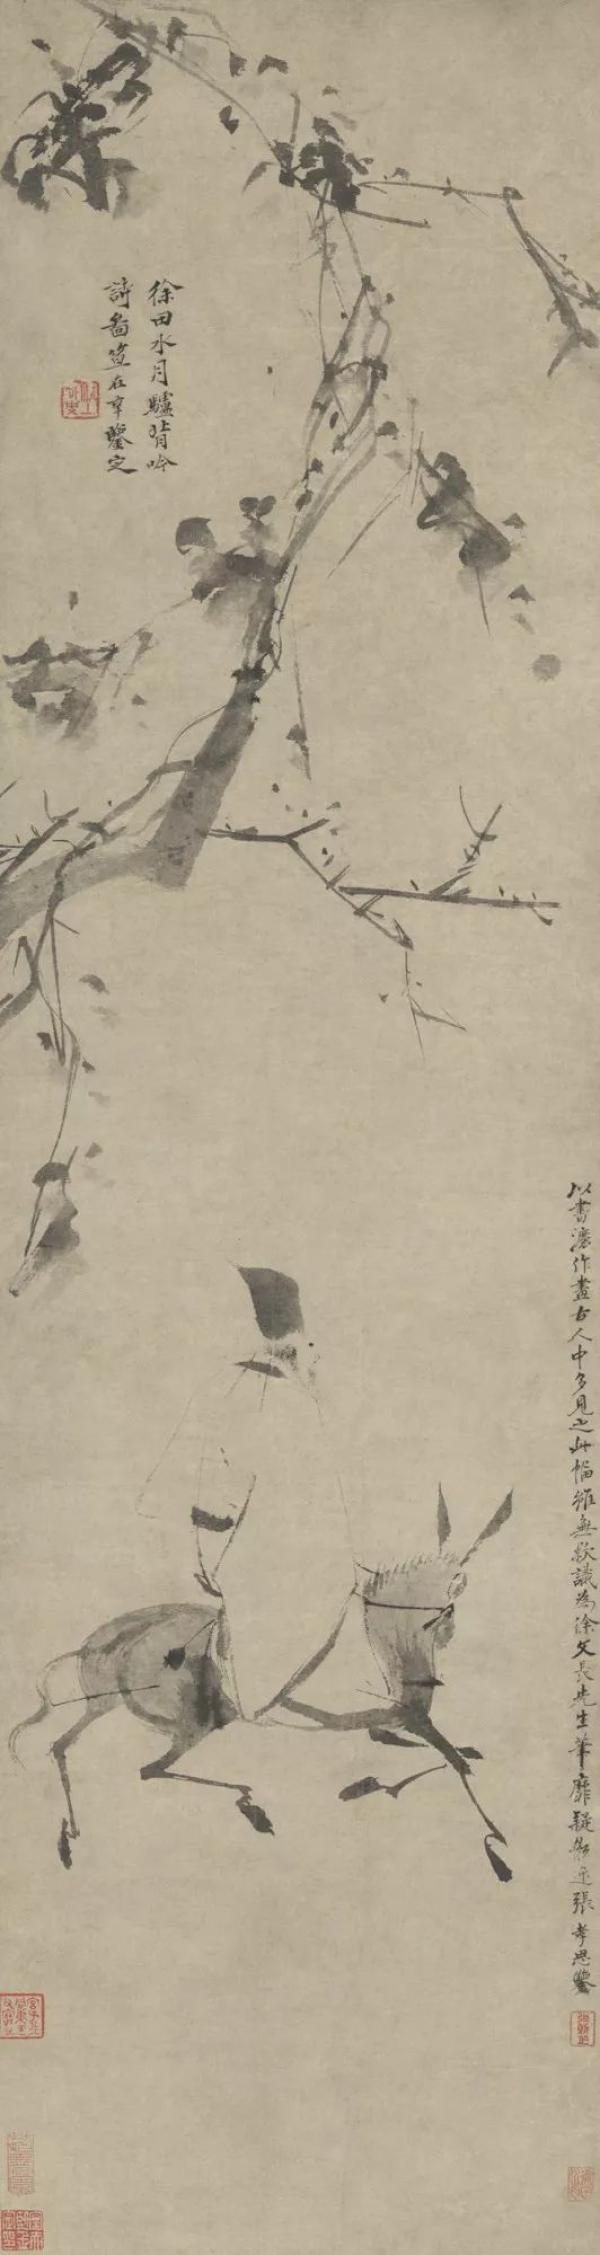 """北京画院新展""""吮毫描来影欲飞"""":看明清写意人物画的象与神"""